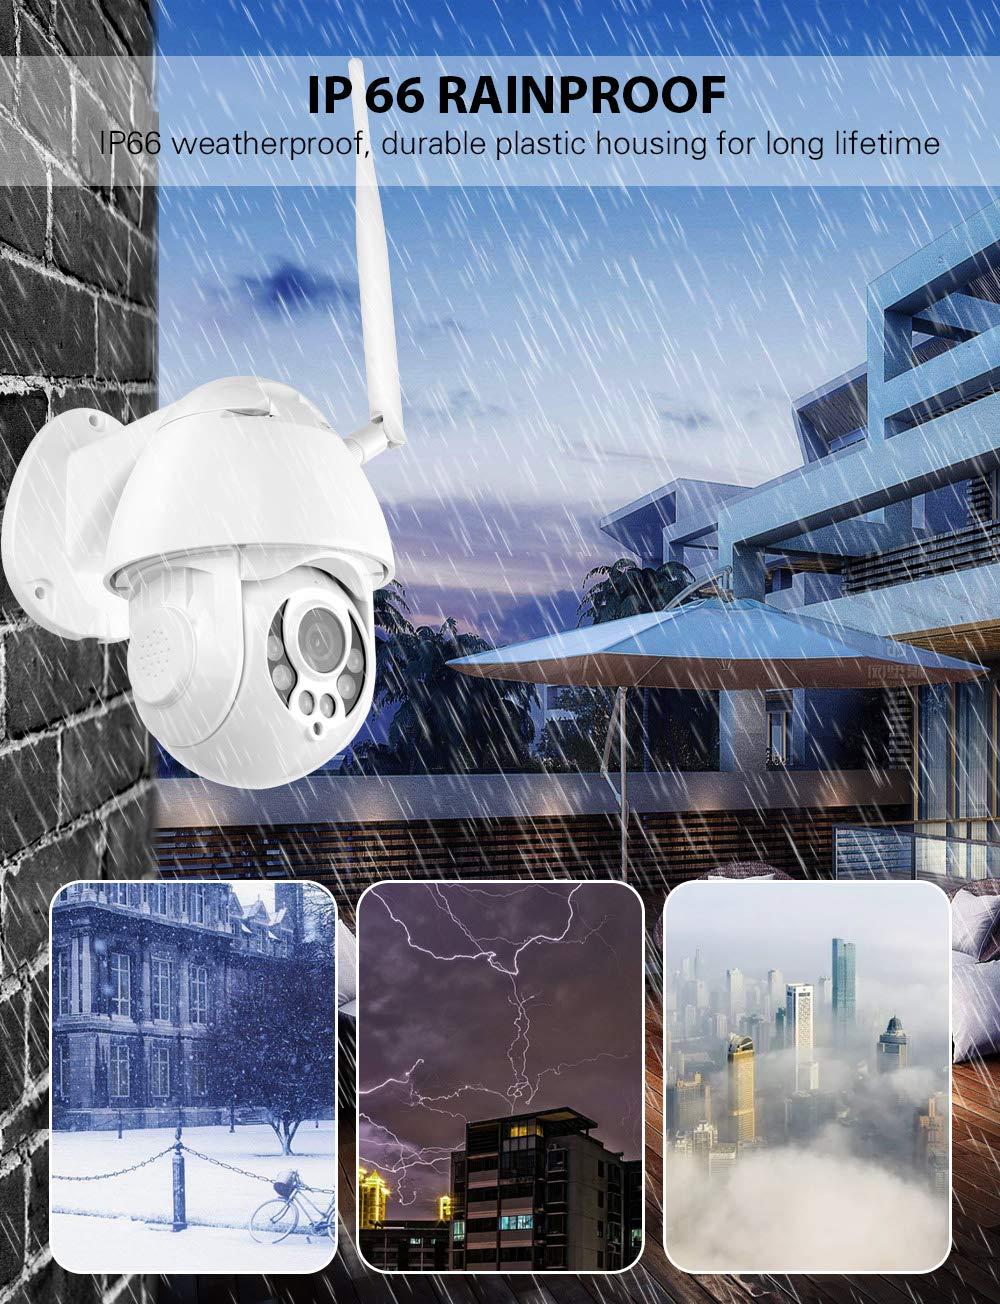 Soporte de tarjeta SD C/ámara IP Exterior C/ámara de Vigilancia wifi IP66 Impermeable Seguridad Inal/ámbrica C/ámara HD 1080P //Audio Bidireccional//Detecci/ón de Movimiento